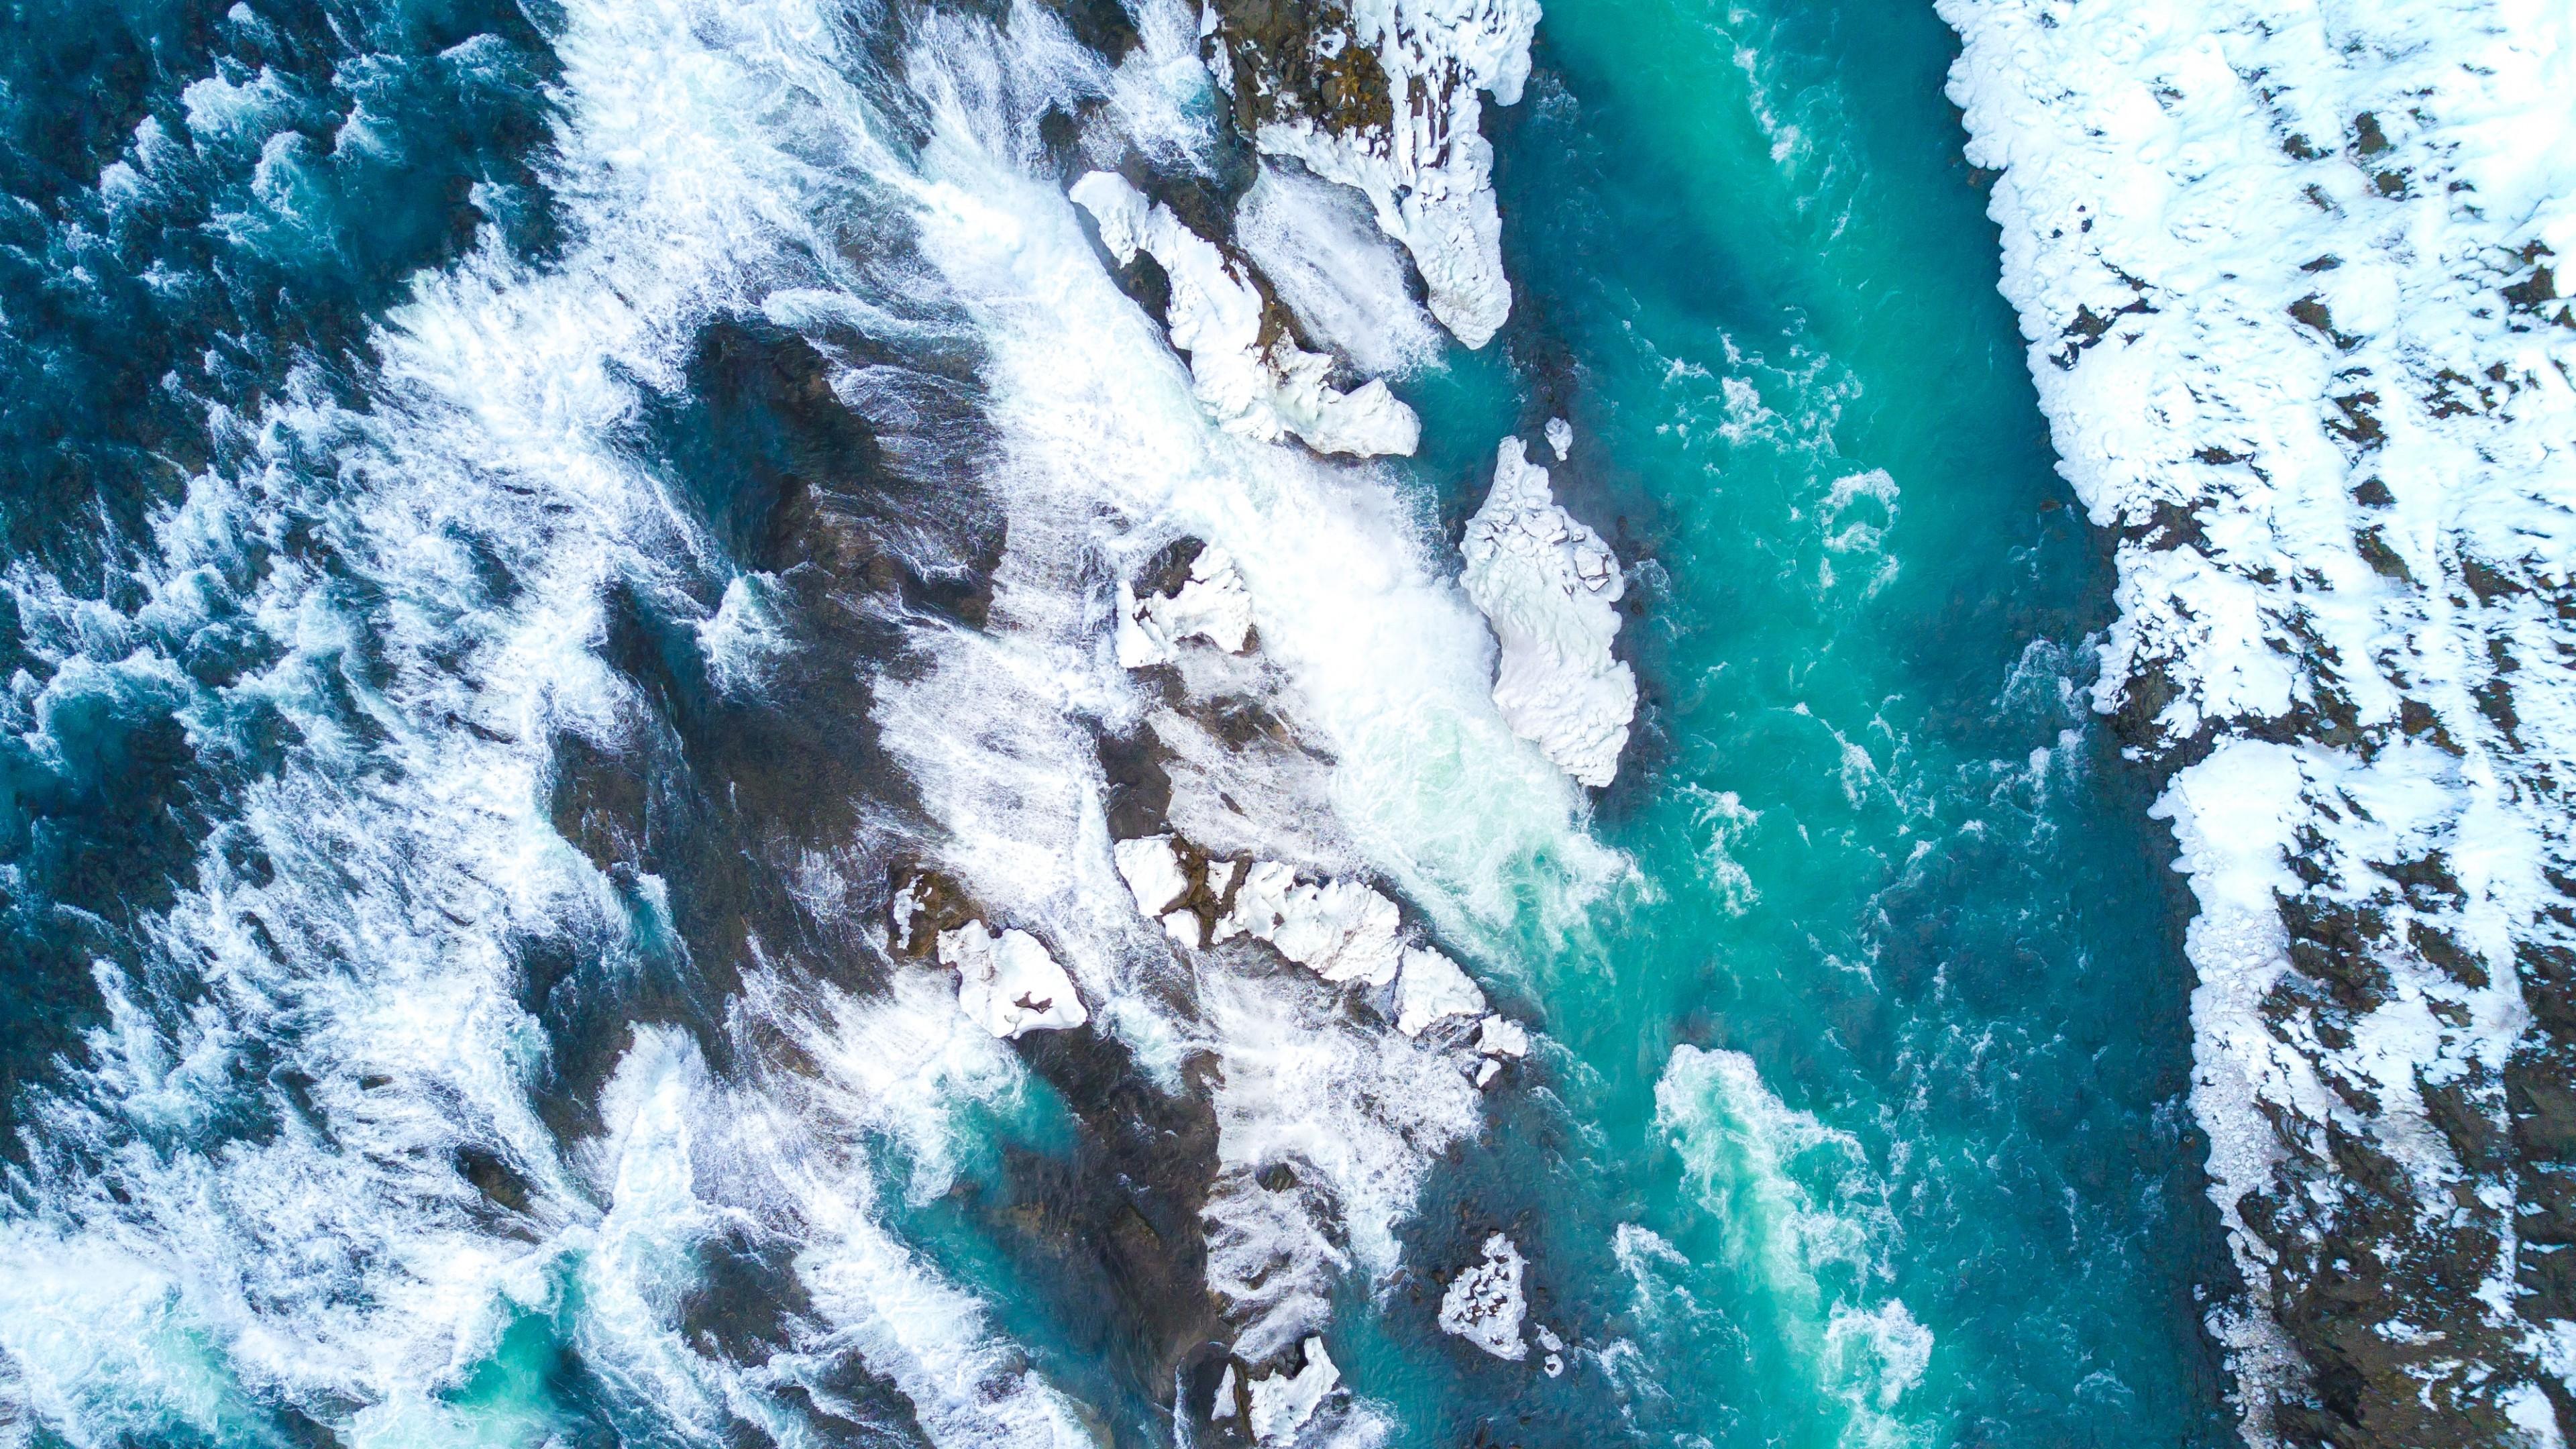 Нереально красивые льдины в темно-зеленых волнах океана